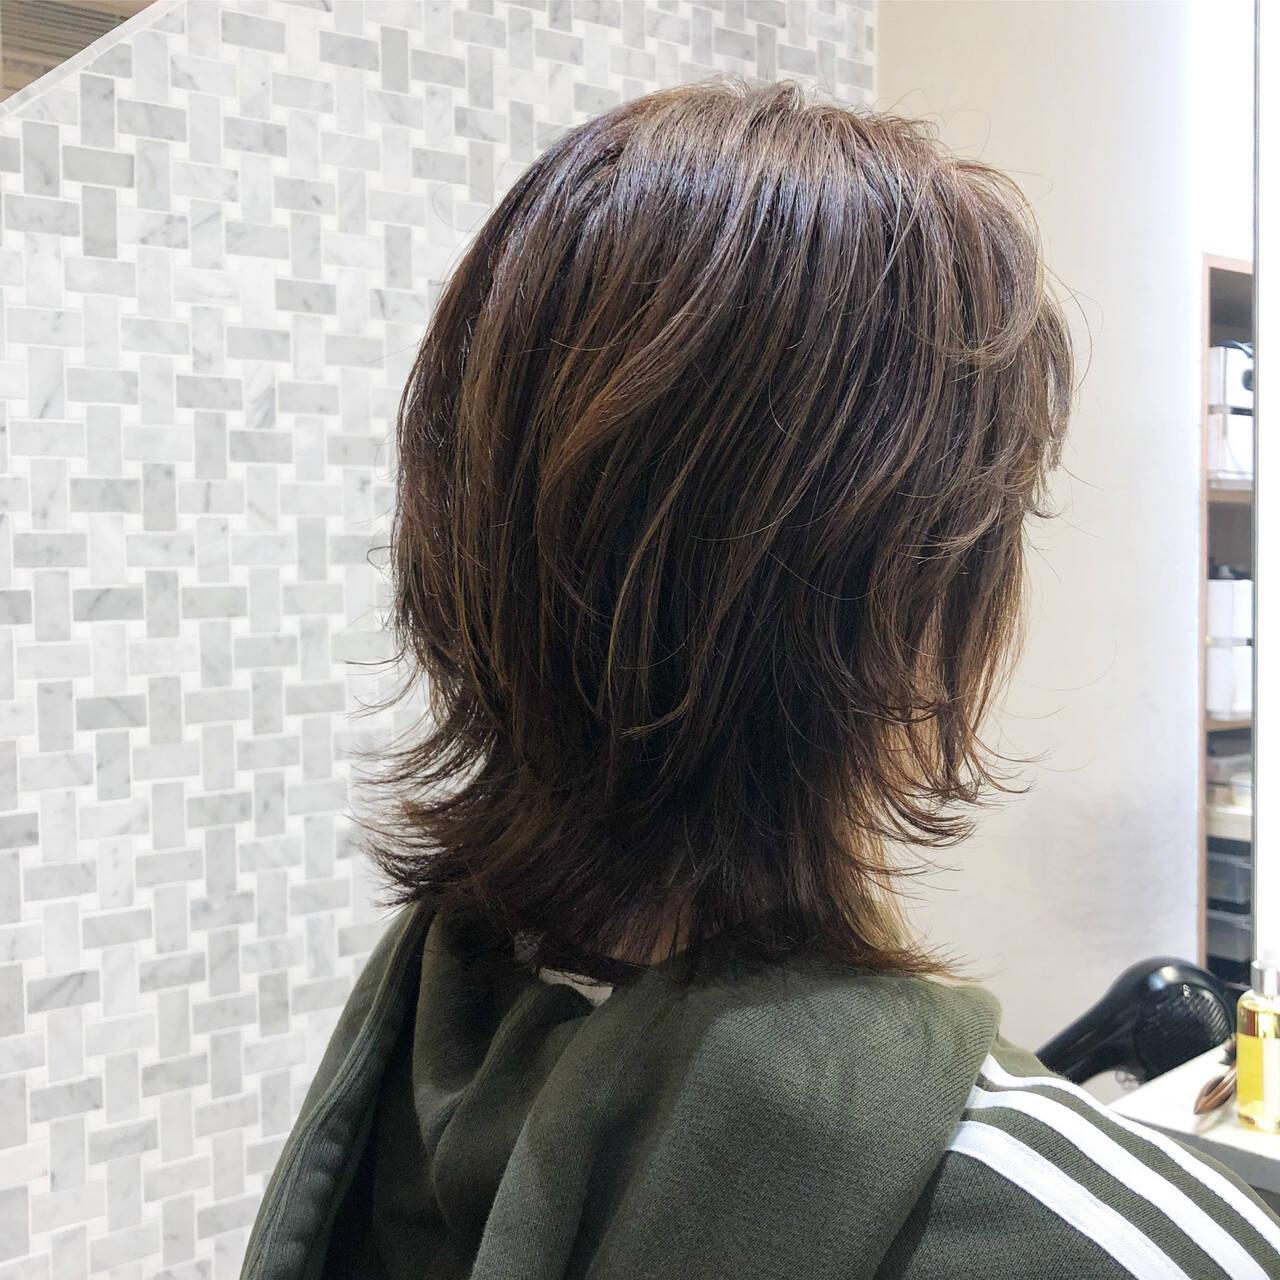 ウルフ女子 ウルフカット ナチュラル ミディアムレイヤーヘアスタイルや髪型の写真・画像